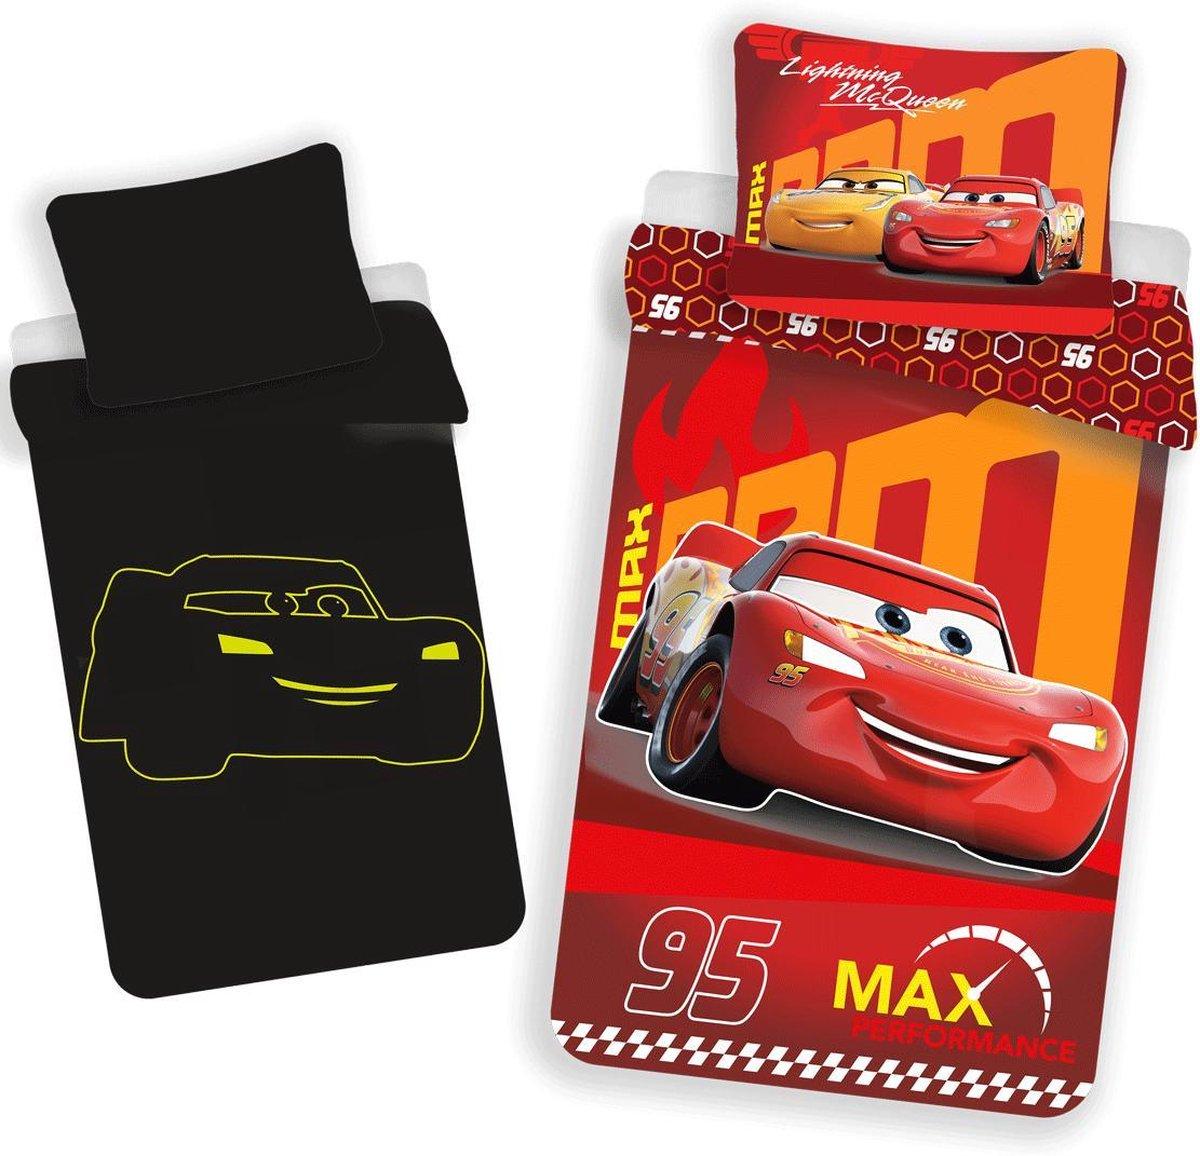 Disney Cars Glow in the Dark Dekbedovertrek - Eenpersoons - 140 x 200 cm - Rood kopen